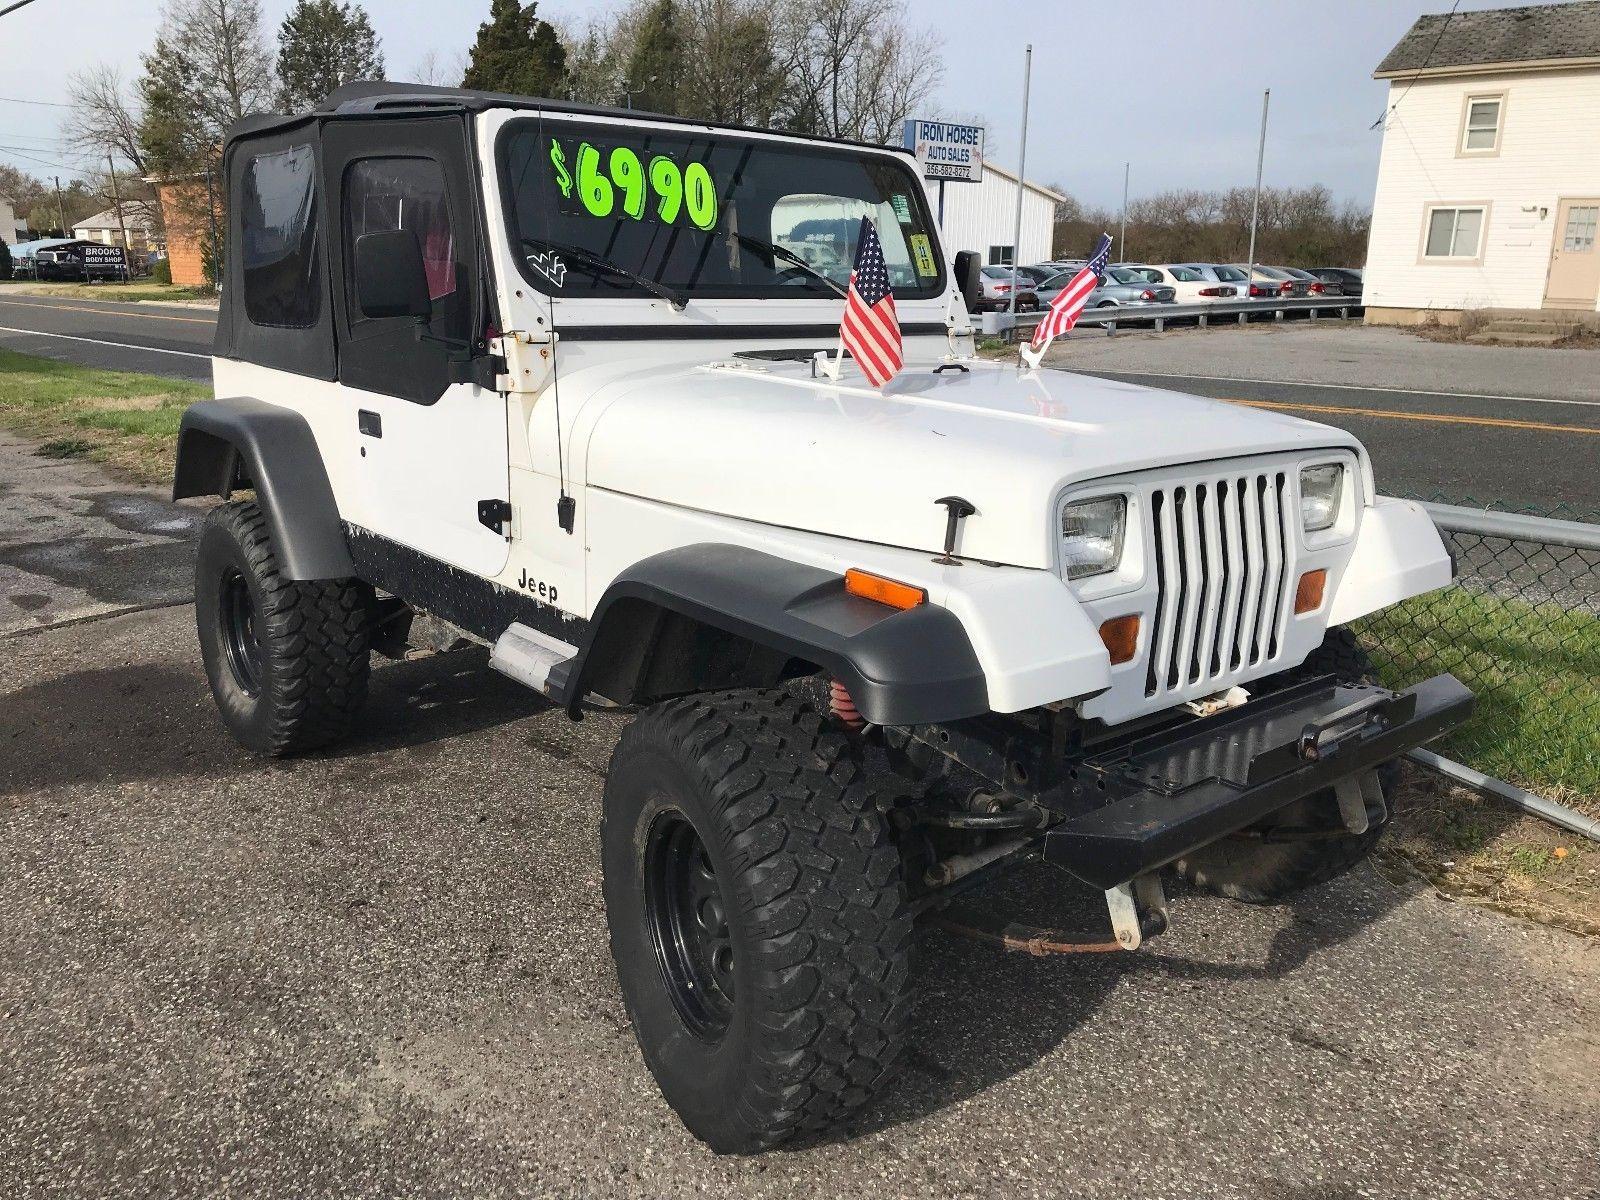 Ebay 1992 Jeep Wrangler Sport Utility 2d 1992 Jeep Wrangler 6 Cyl 4 0 Liter Manual 5 Spd Run Jeep Wrangler Jeep Wrangler Sport White Jeep Wrangler